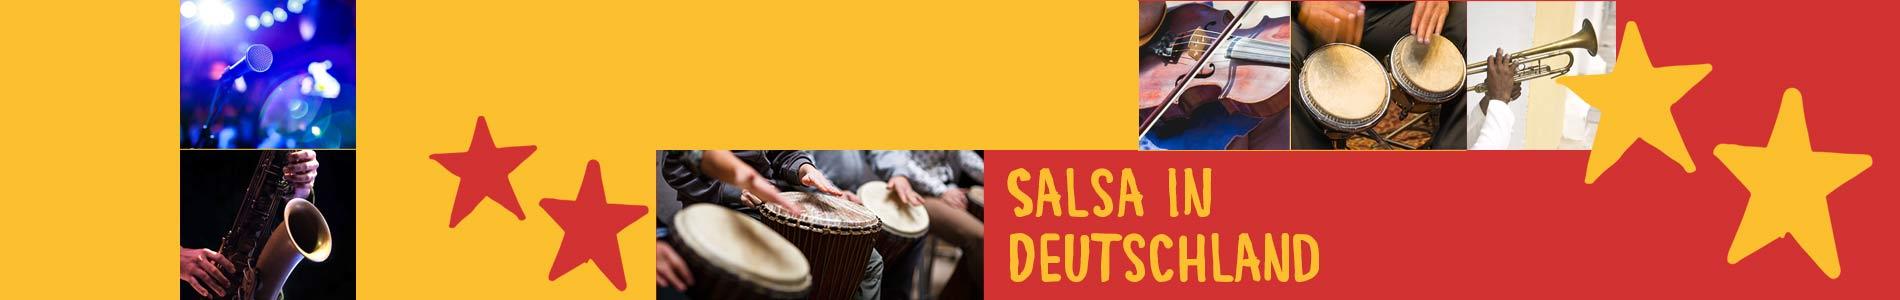 Salsa in Borgentreich – Salsa lernen und tanzen, Tanzkurse, Partys, Veranstaltungen